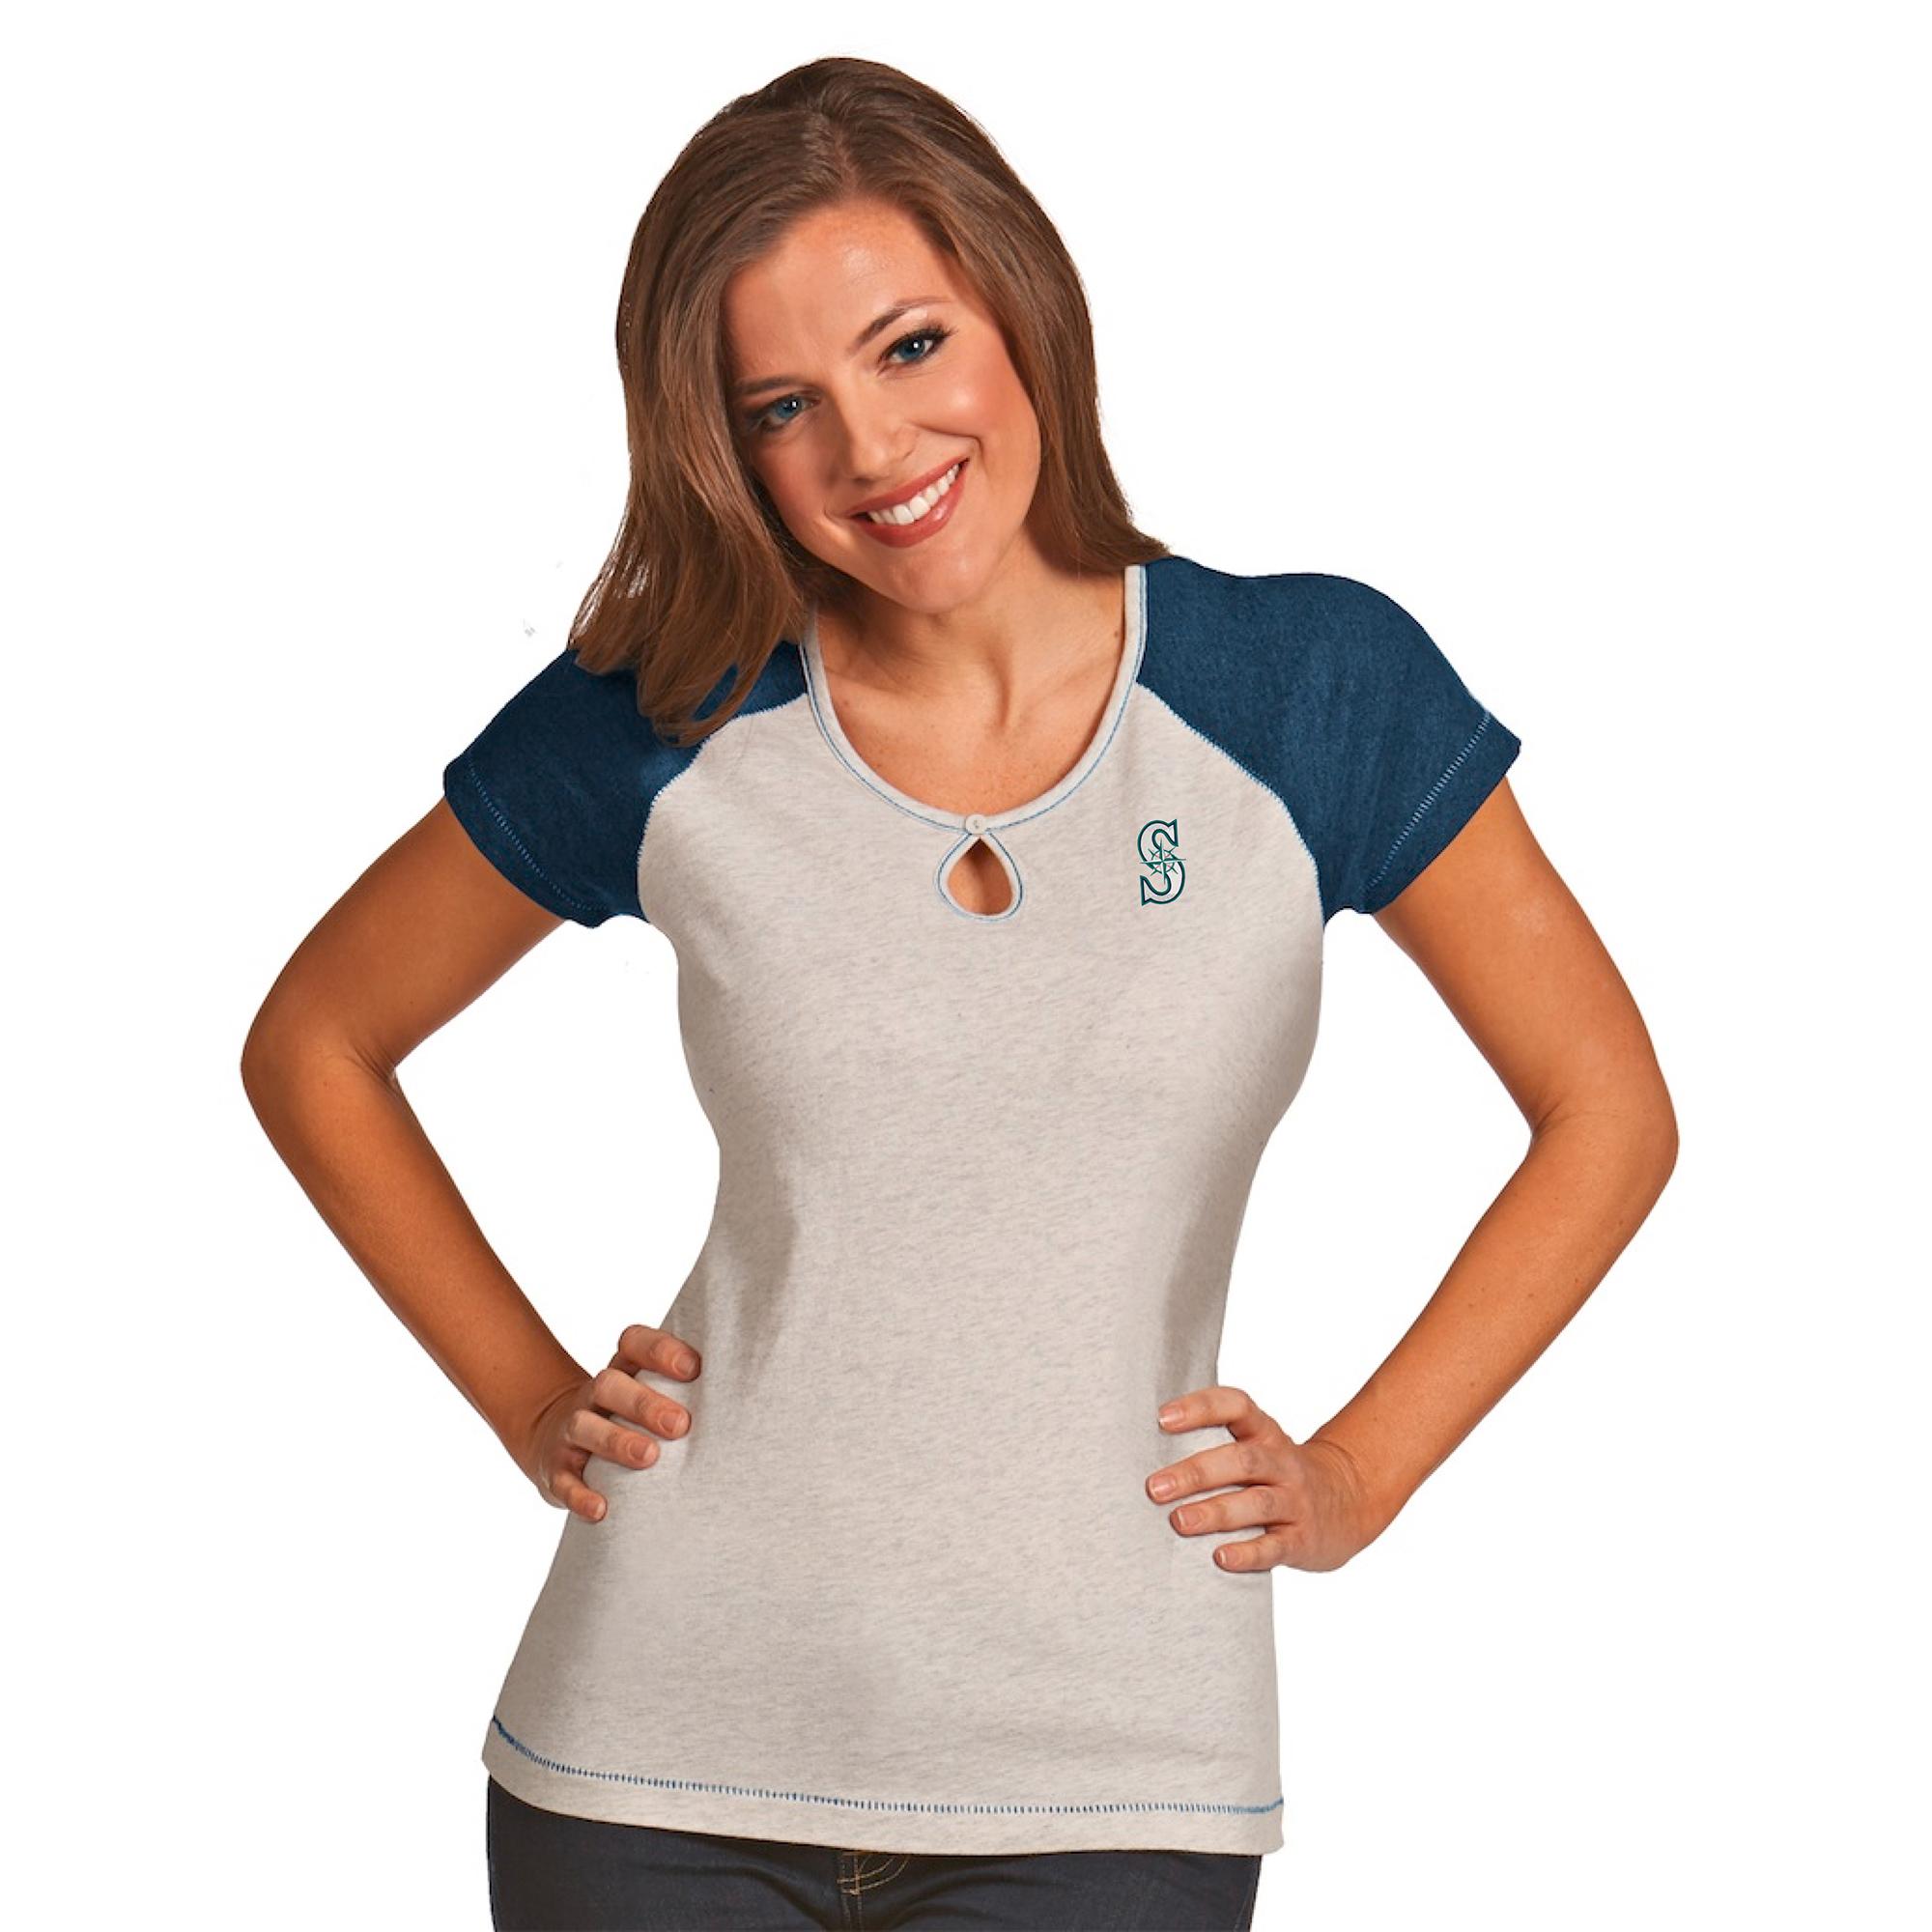 Seattle Mariners Antigua Women's Crush T-Shirt - White/Heather Navy